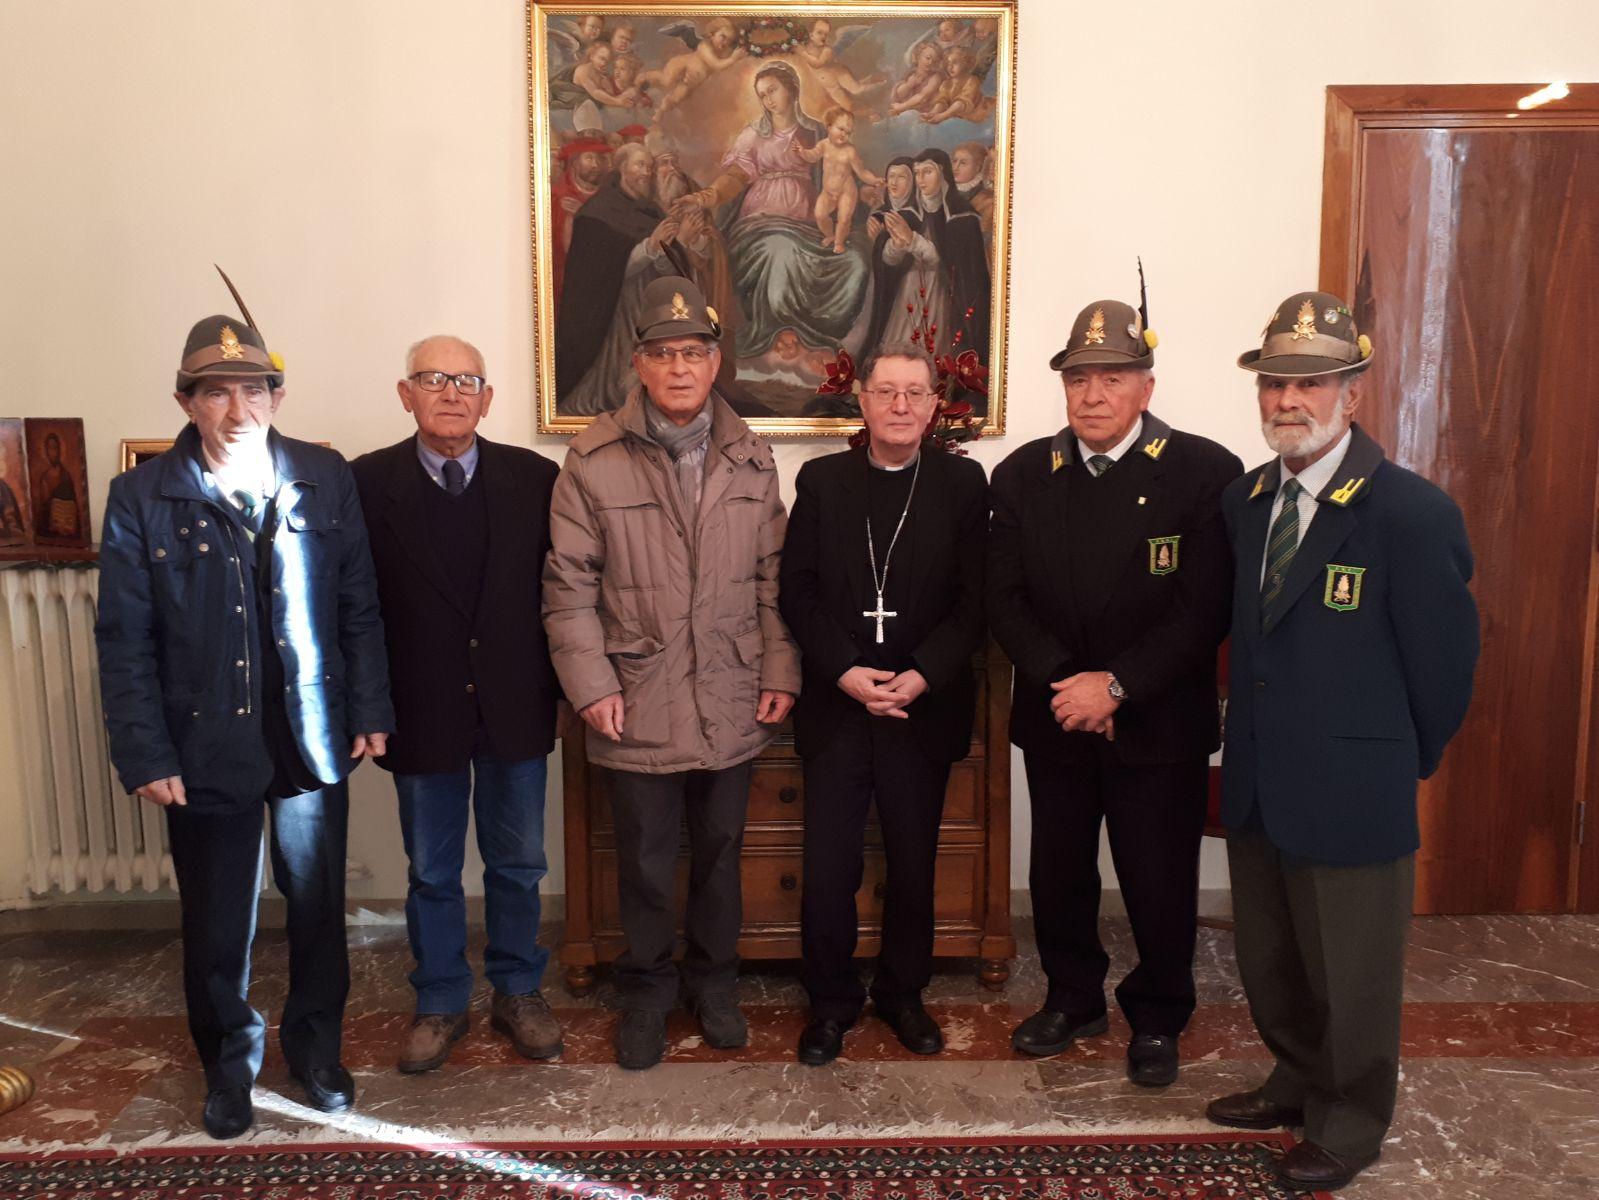 Scambio di auguri Natalizi tra l'Associazione Nazionale Finanzieri d'Italia di Trasacco e il Vescovo dei Marsi, Mons. Pietro Santoro.